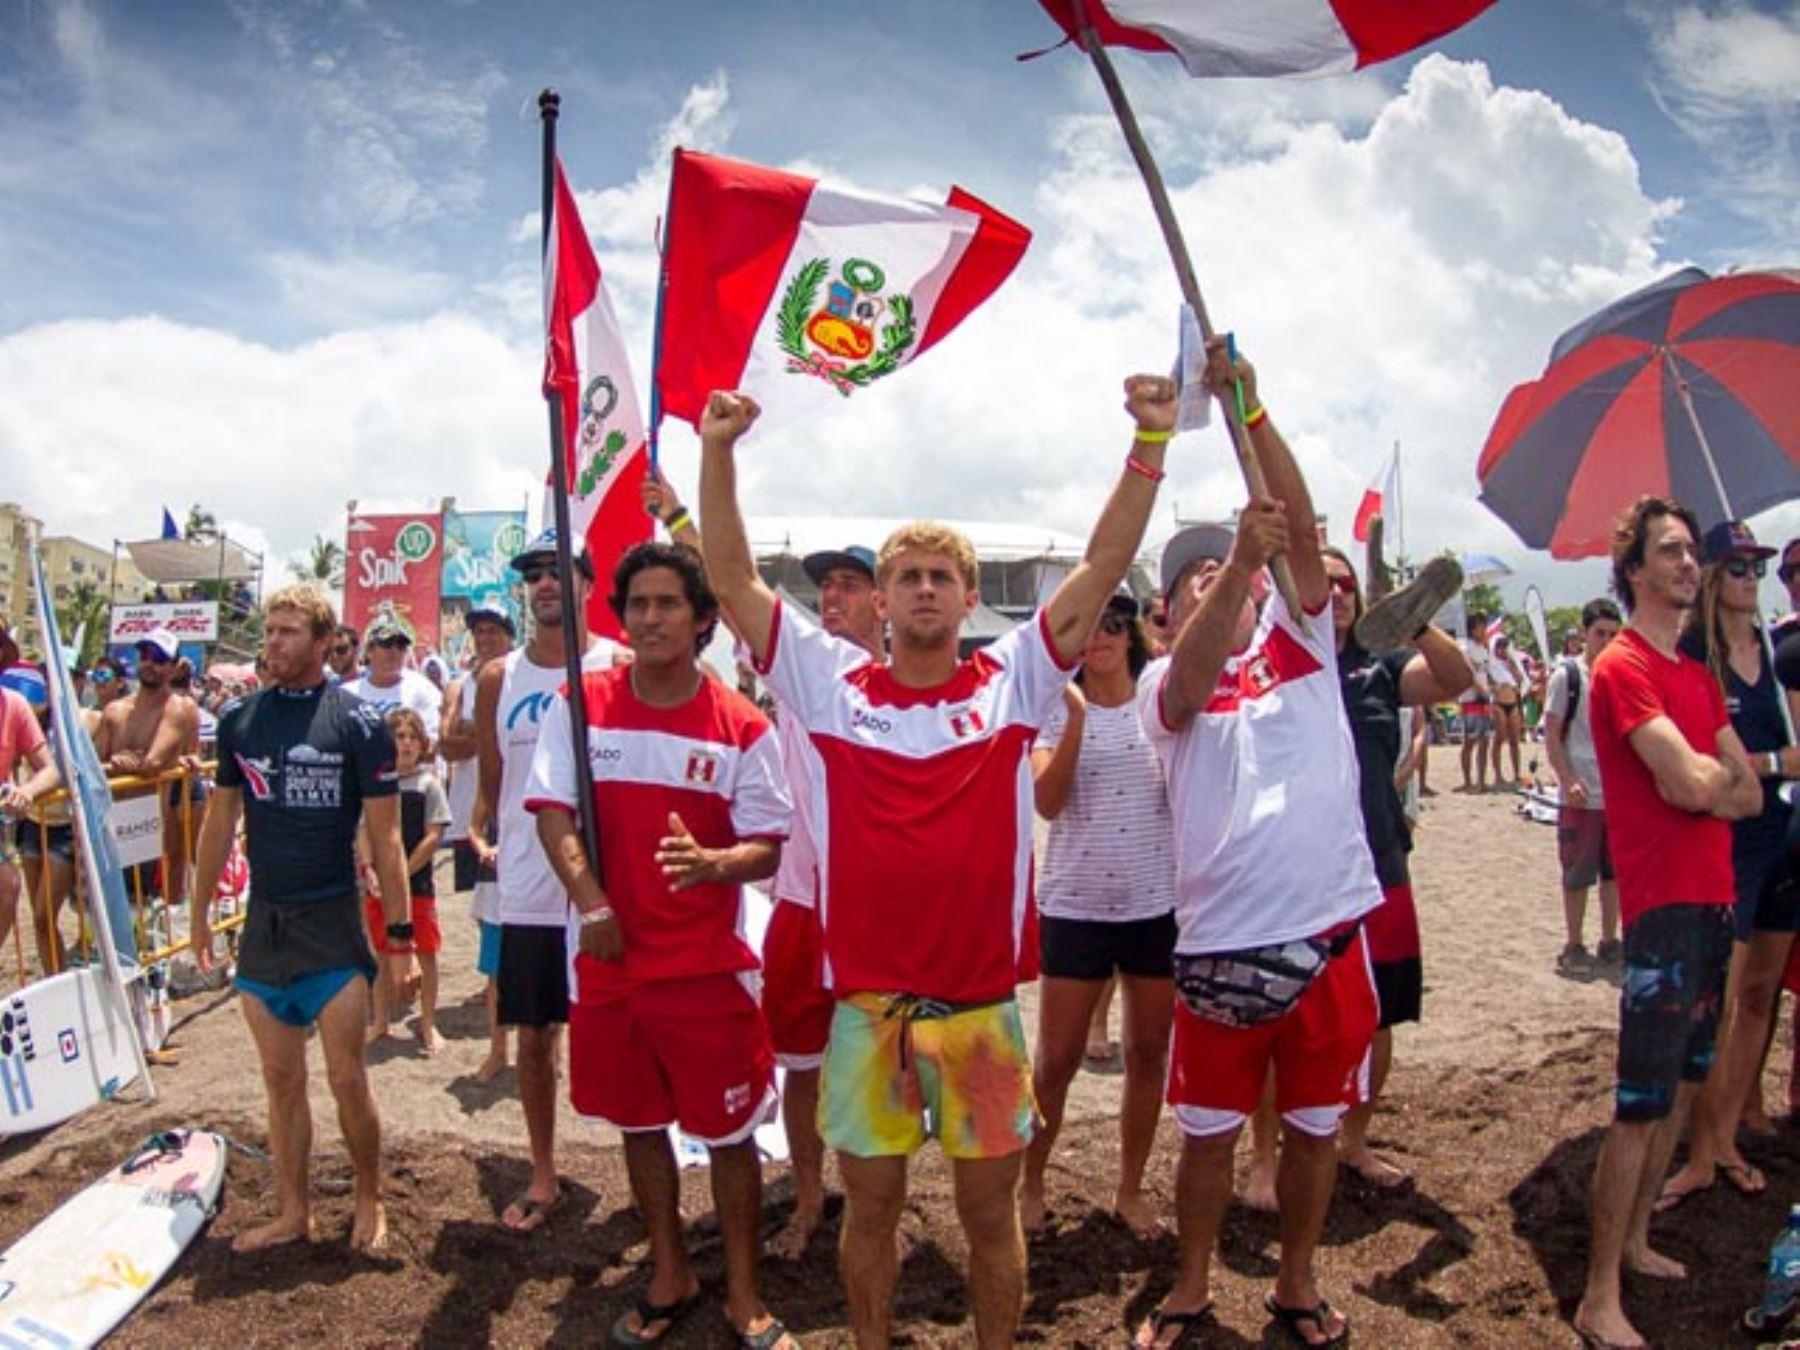 La ISA elige a Miguel Tudela como representante de su primera comisión de surfistas